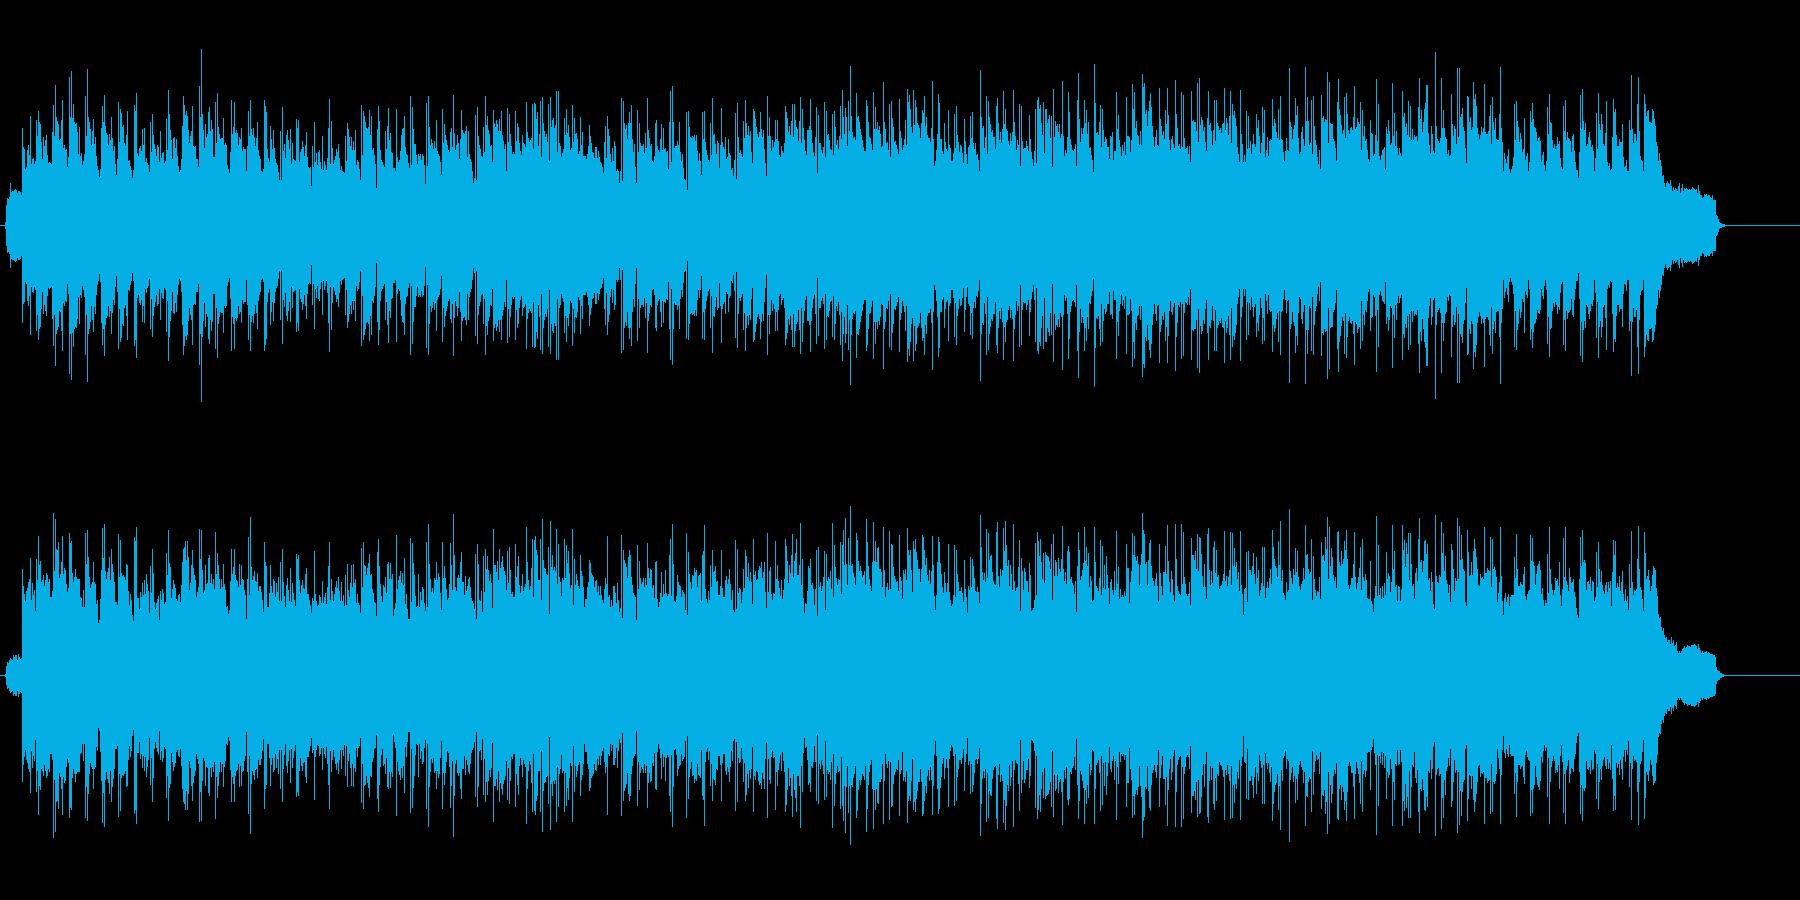 リラックスしたロード・ウェイ・フォーク風の再生済みの波形